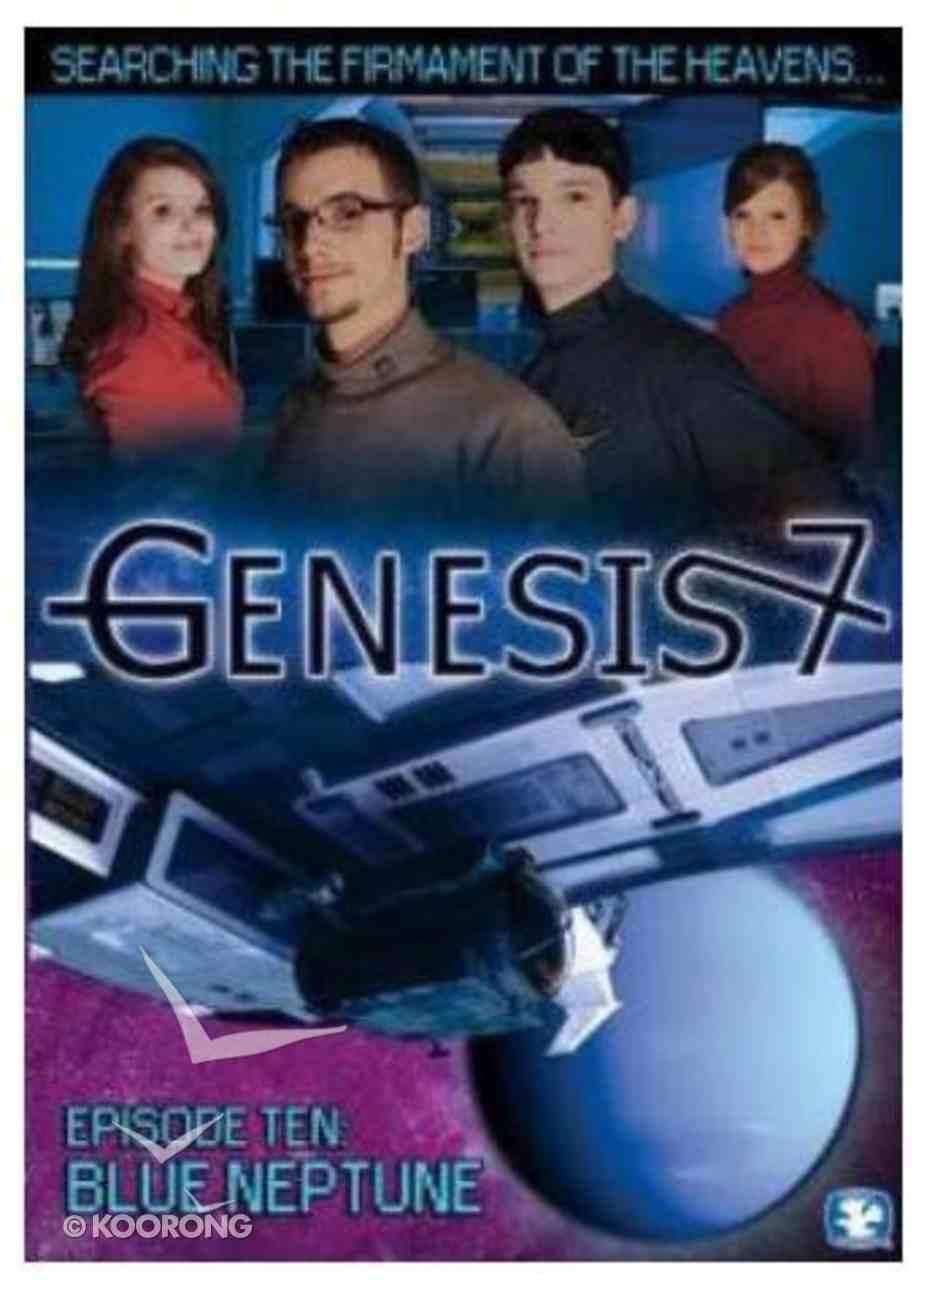 Blue Neptune (25 Mins) (#10 in Genesis 7 Series) DVD